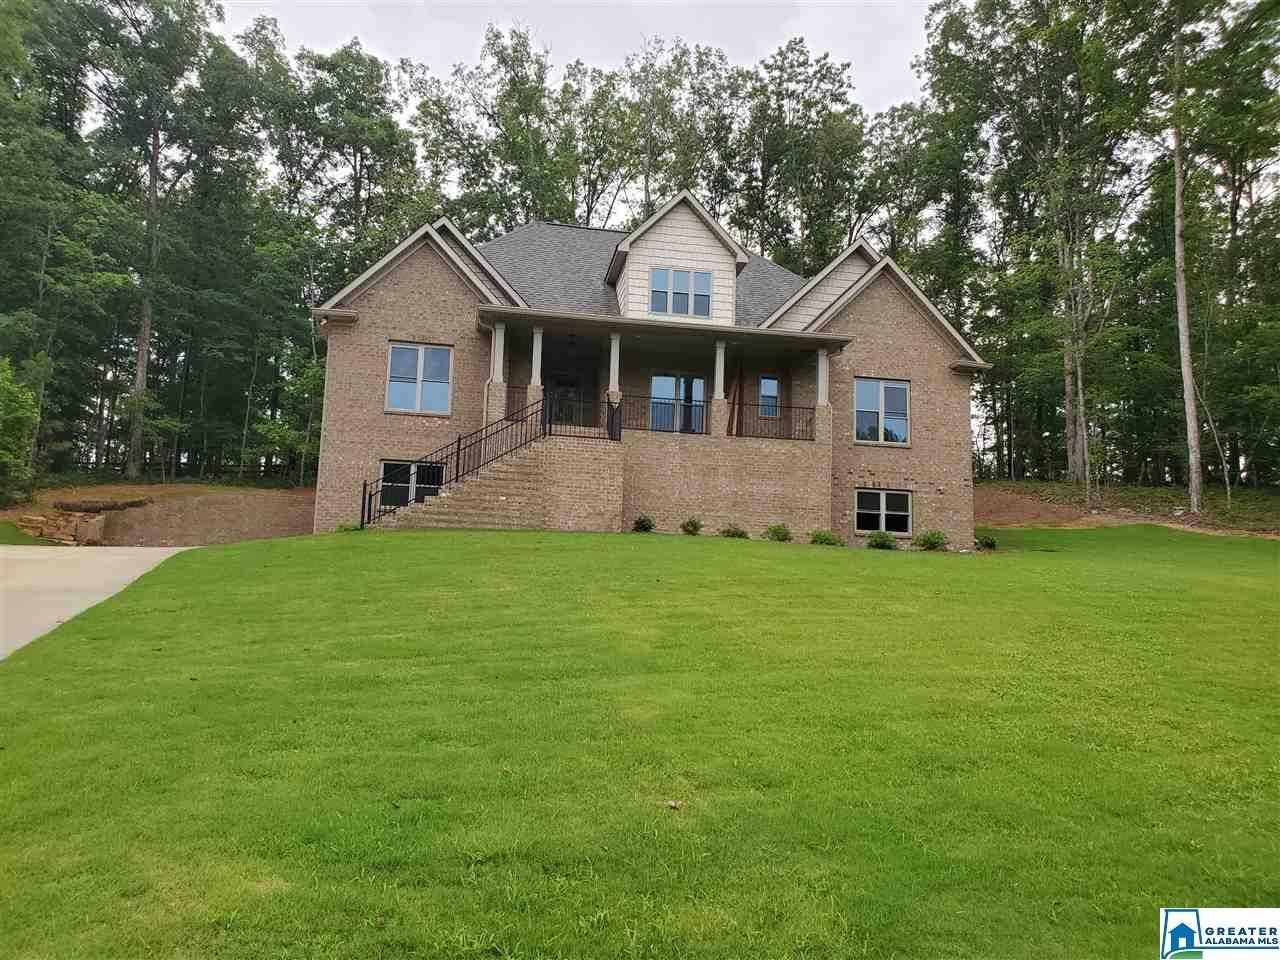 250 Gray Fox Rd, Springville, AL 35146 - MLS#: 862396